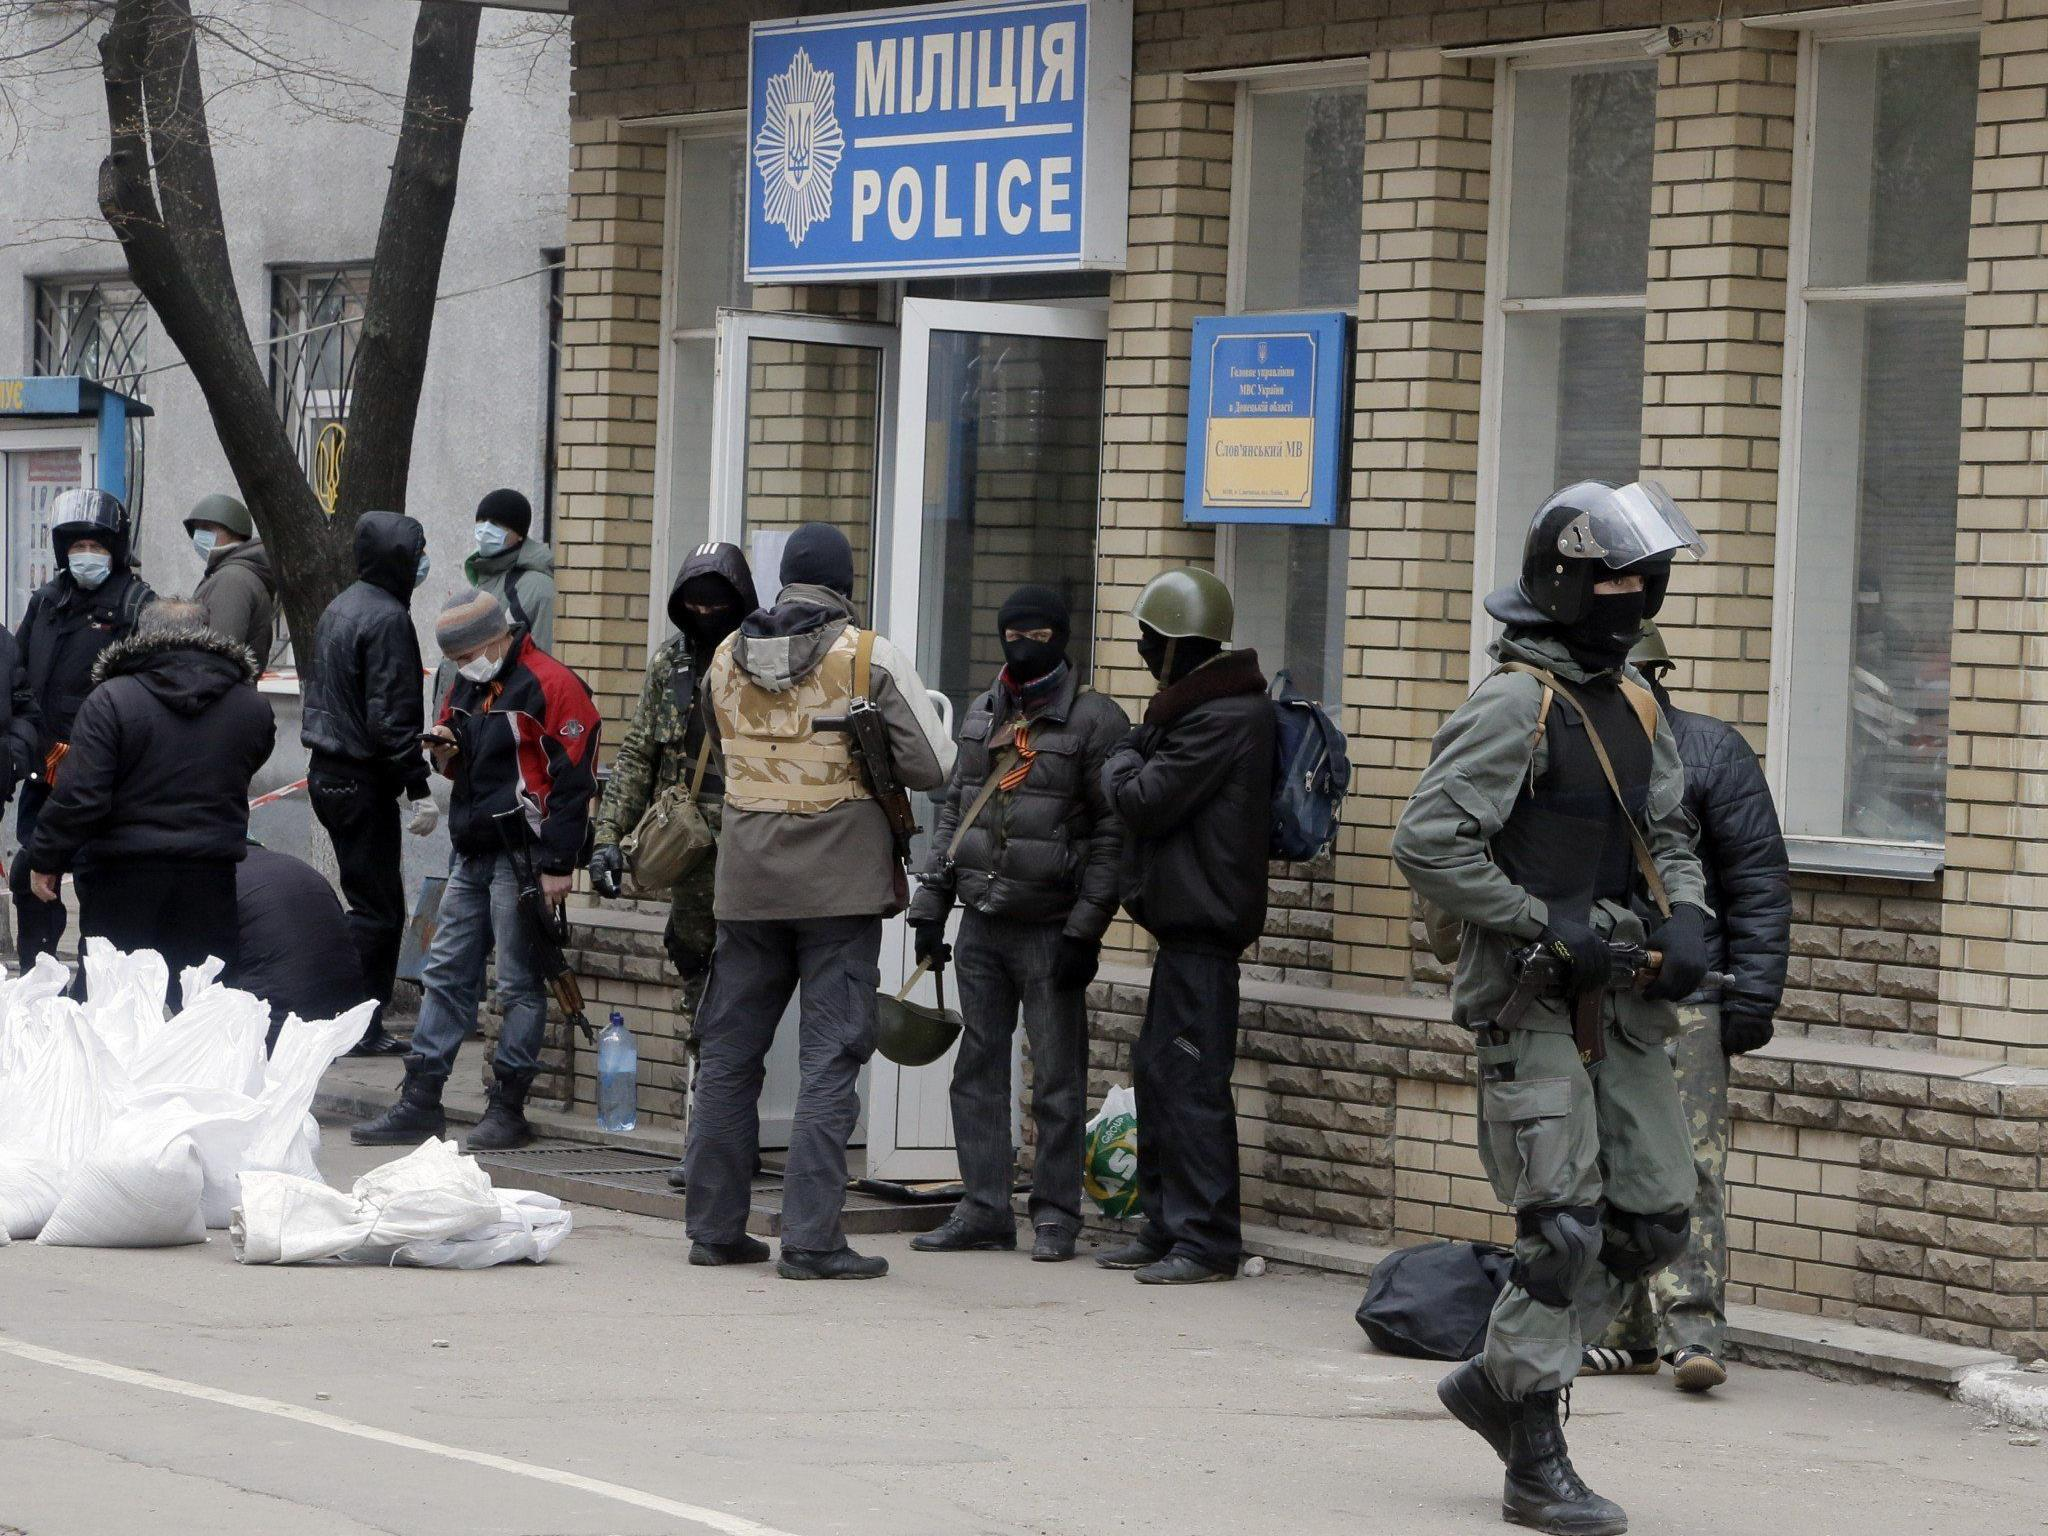 Polizeistation in Ostukraine von pro-russischen Aktivisten gestürmt.